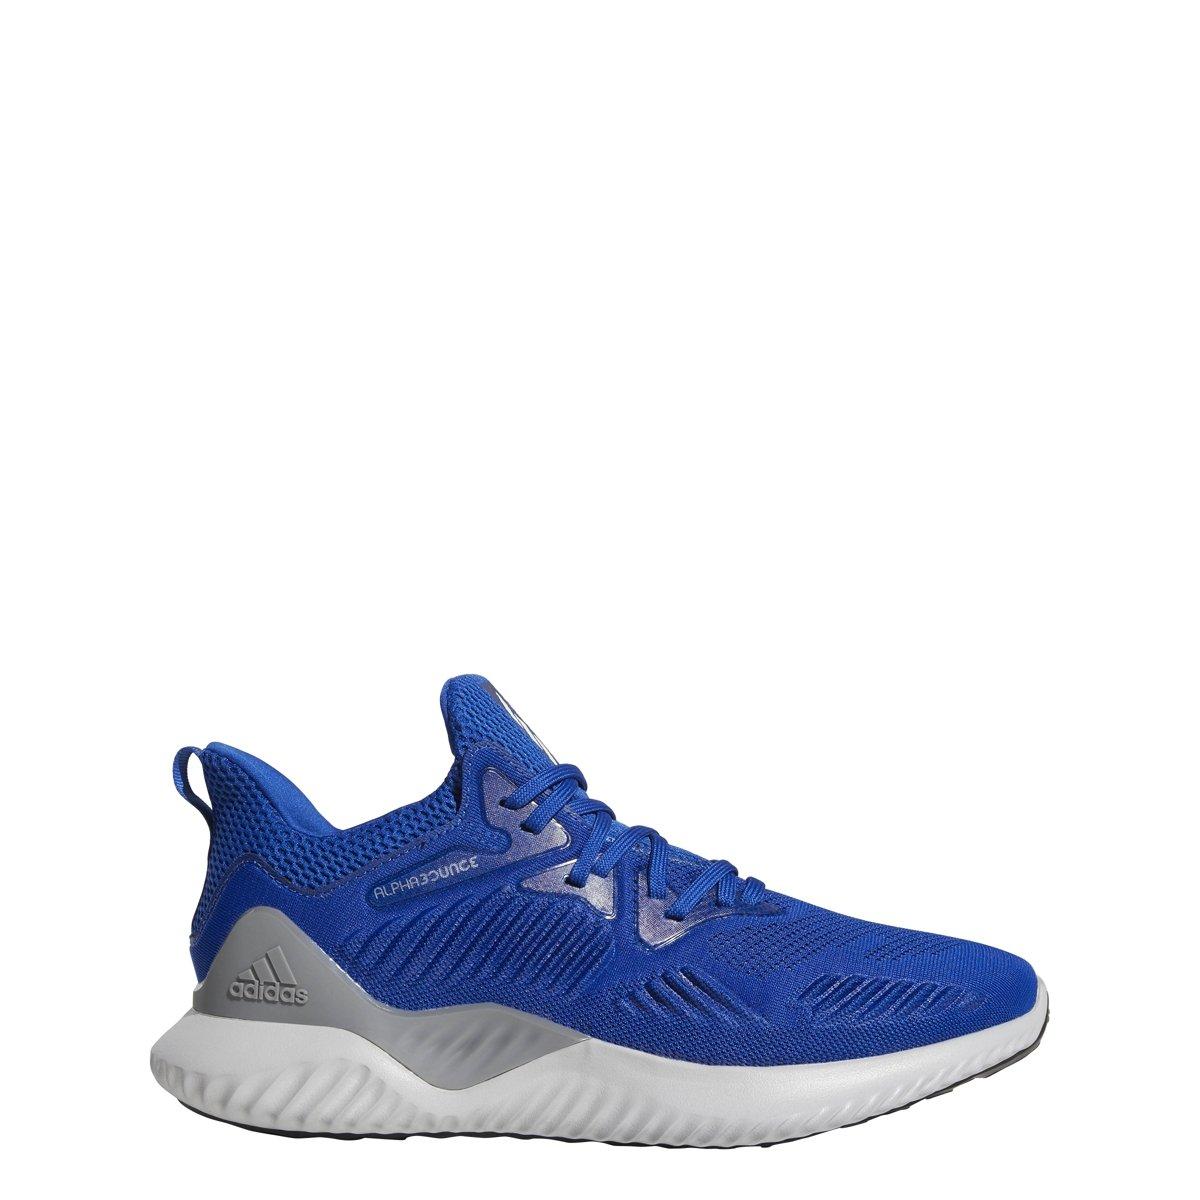 adidas Alphabounce Beyond Team Shoe Men's Running B077XPLLD8 12.5 D(M) US|Collegiate Royal/White/Black